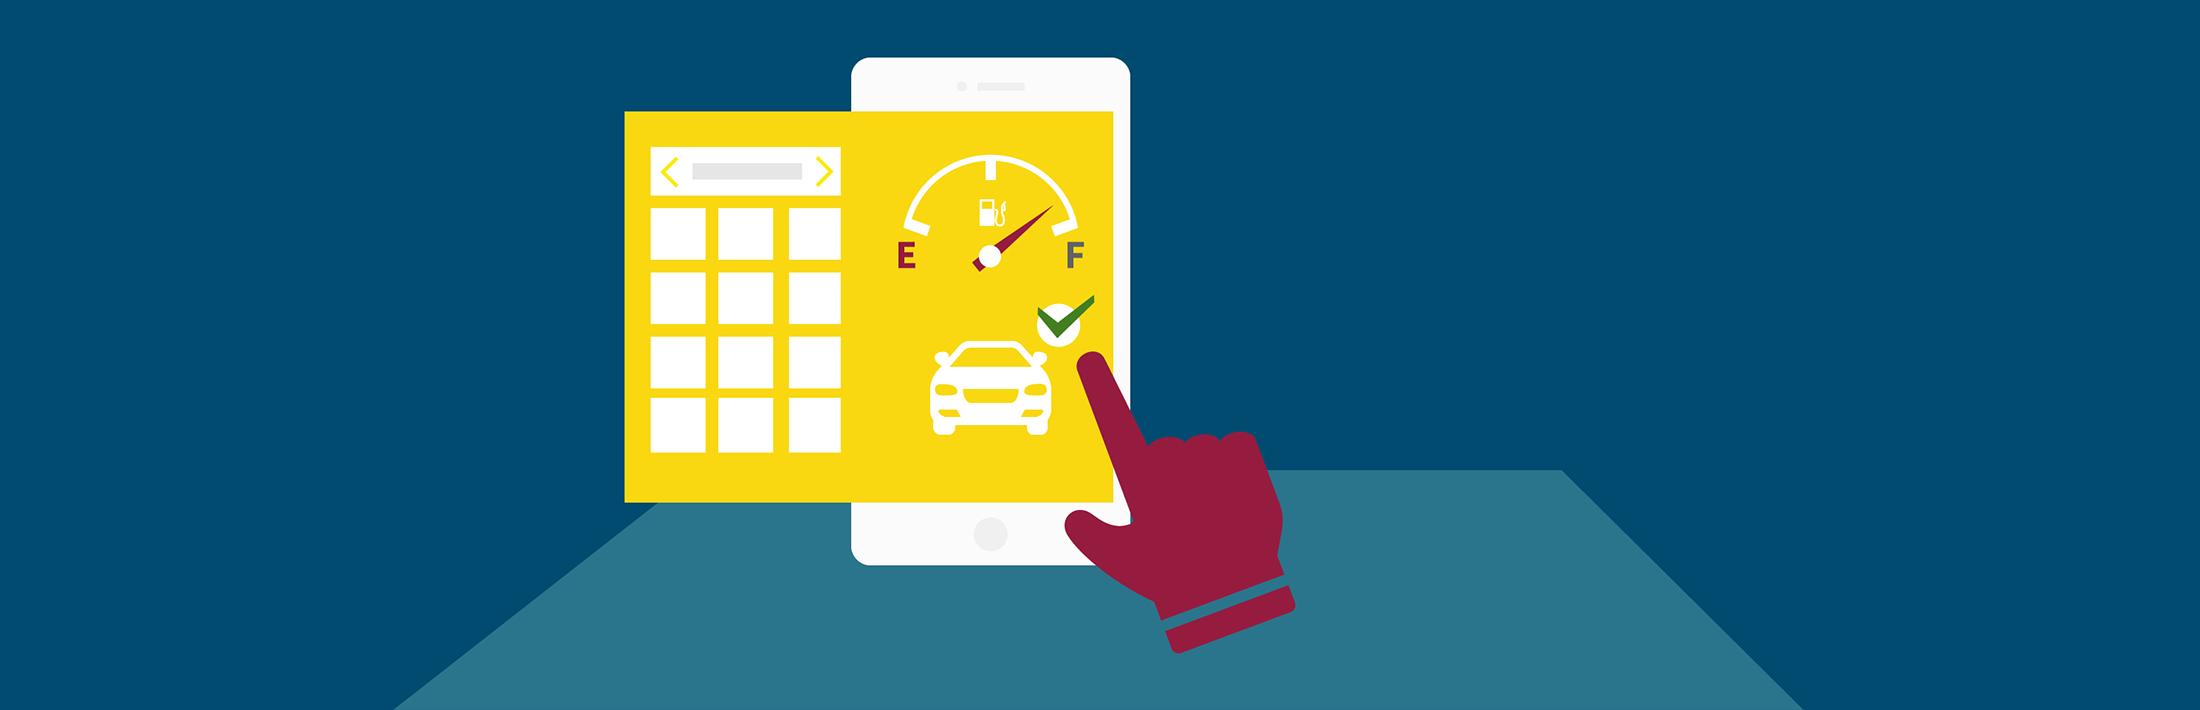 Sharetoo aplikacija prikazuje razpoložljivost vozila in vse podatke o avtomobilu.